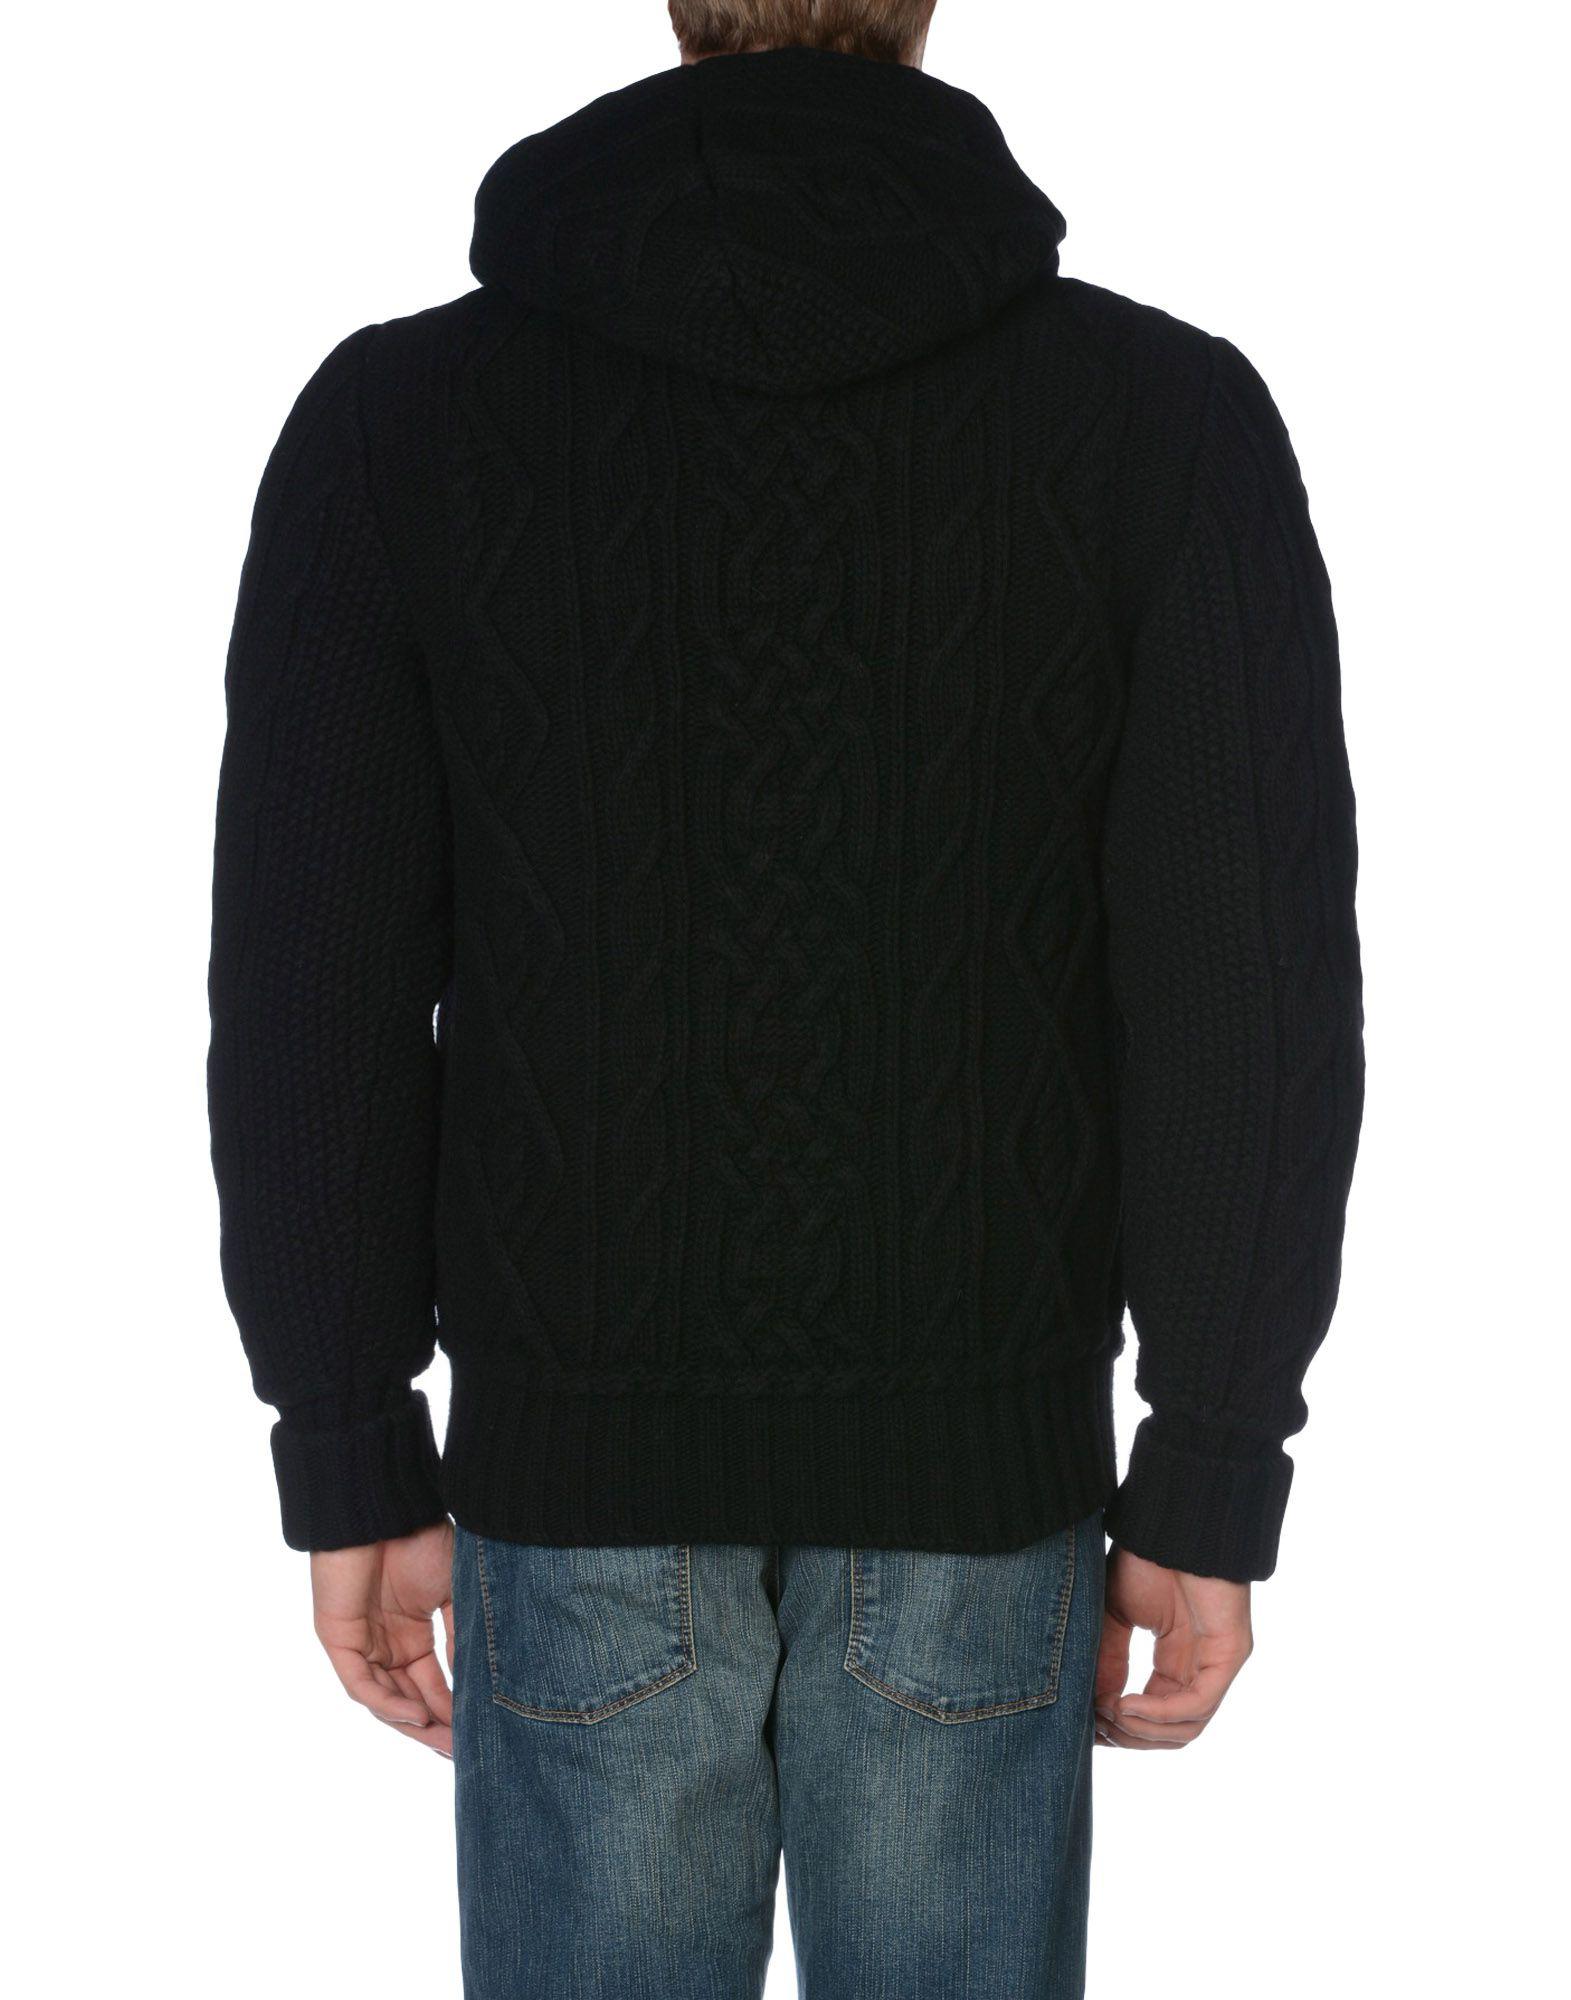 lyst dolce gabbana down jacket in black for men. Black Bedroom Furniture Sets. Home Design Ideas